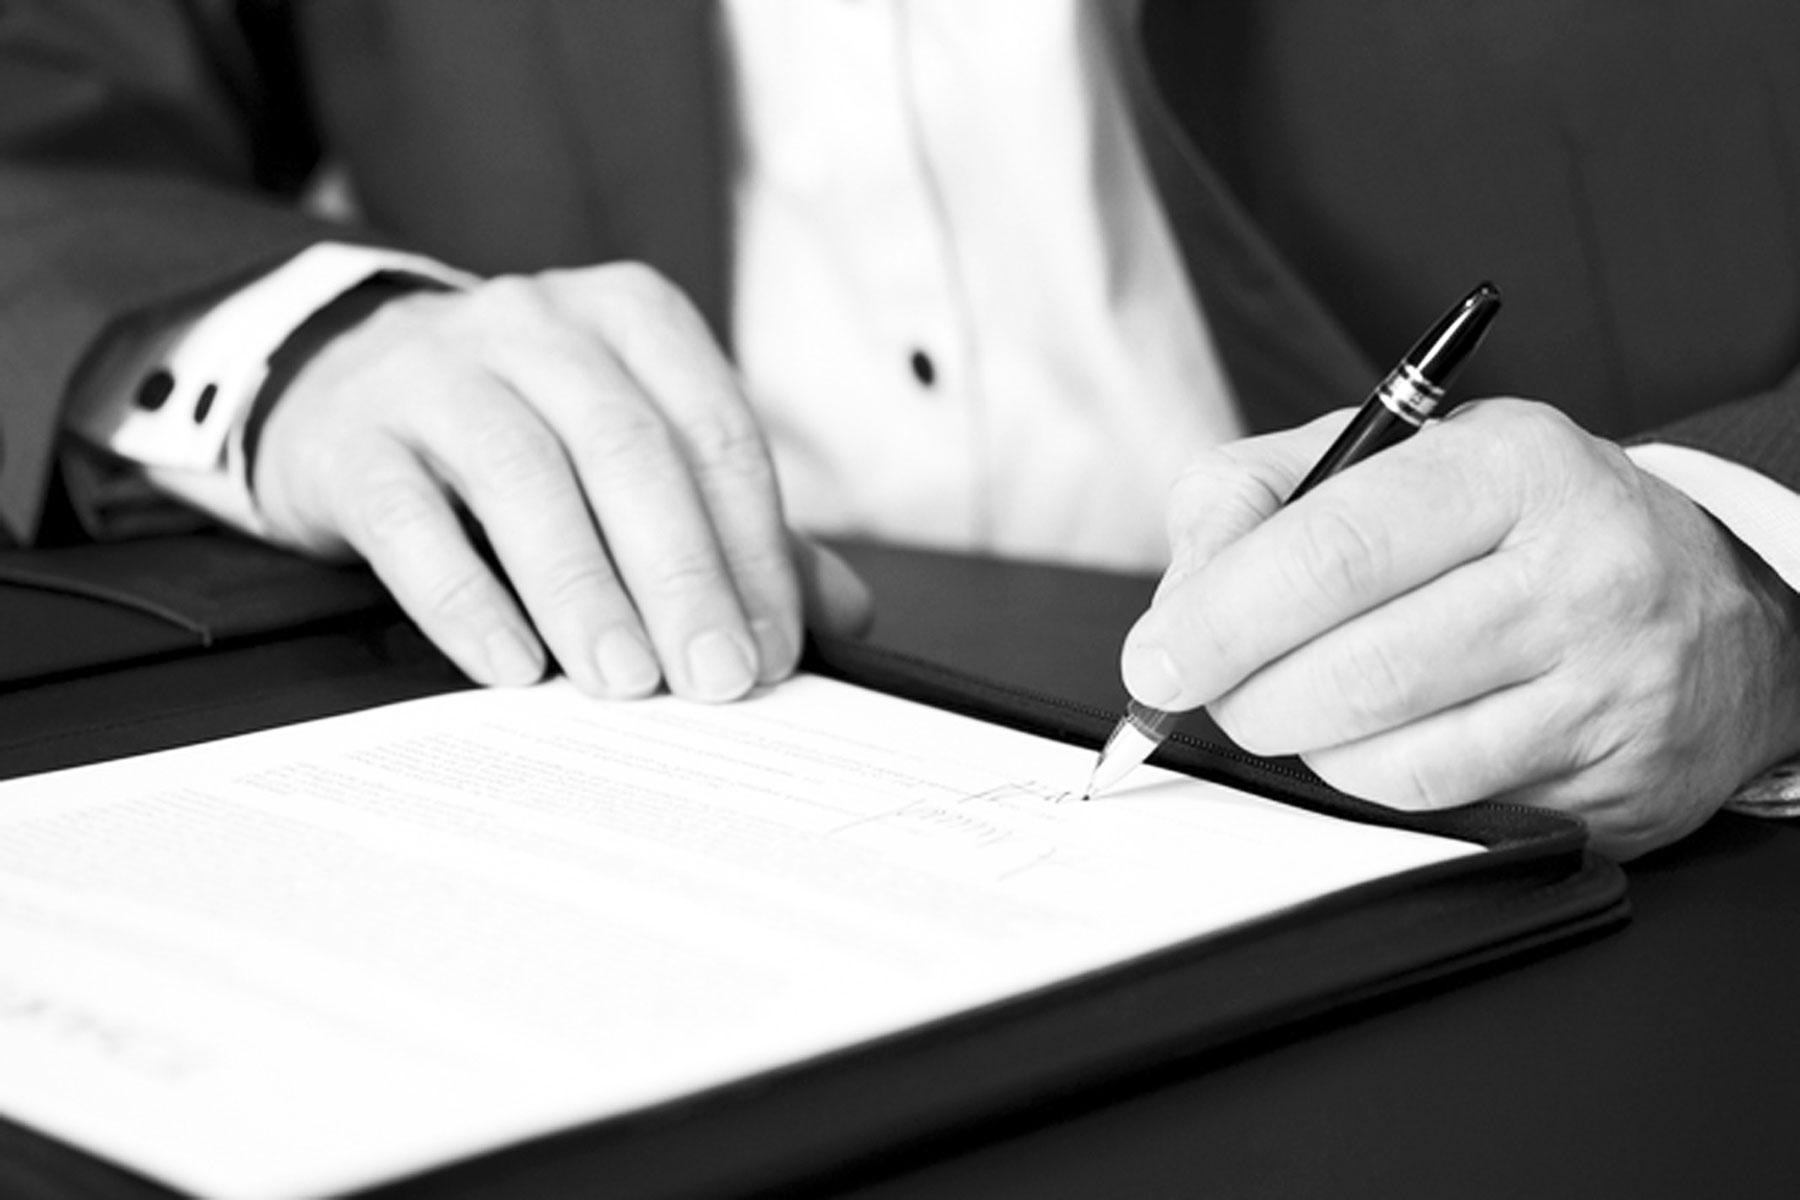 دعوای ابطال سند مالکیت صادره به موجب رأی کمیسیون ثبت